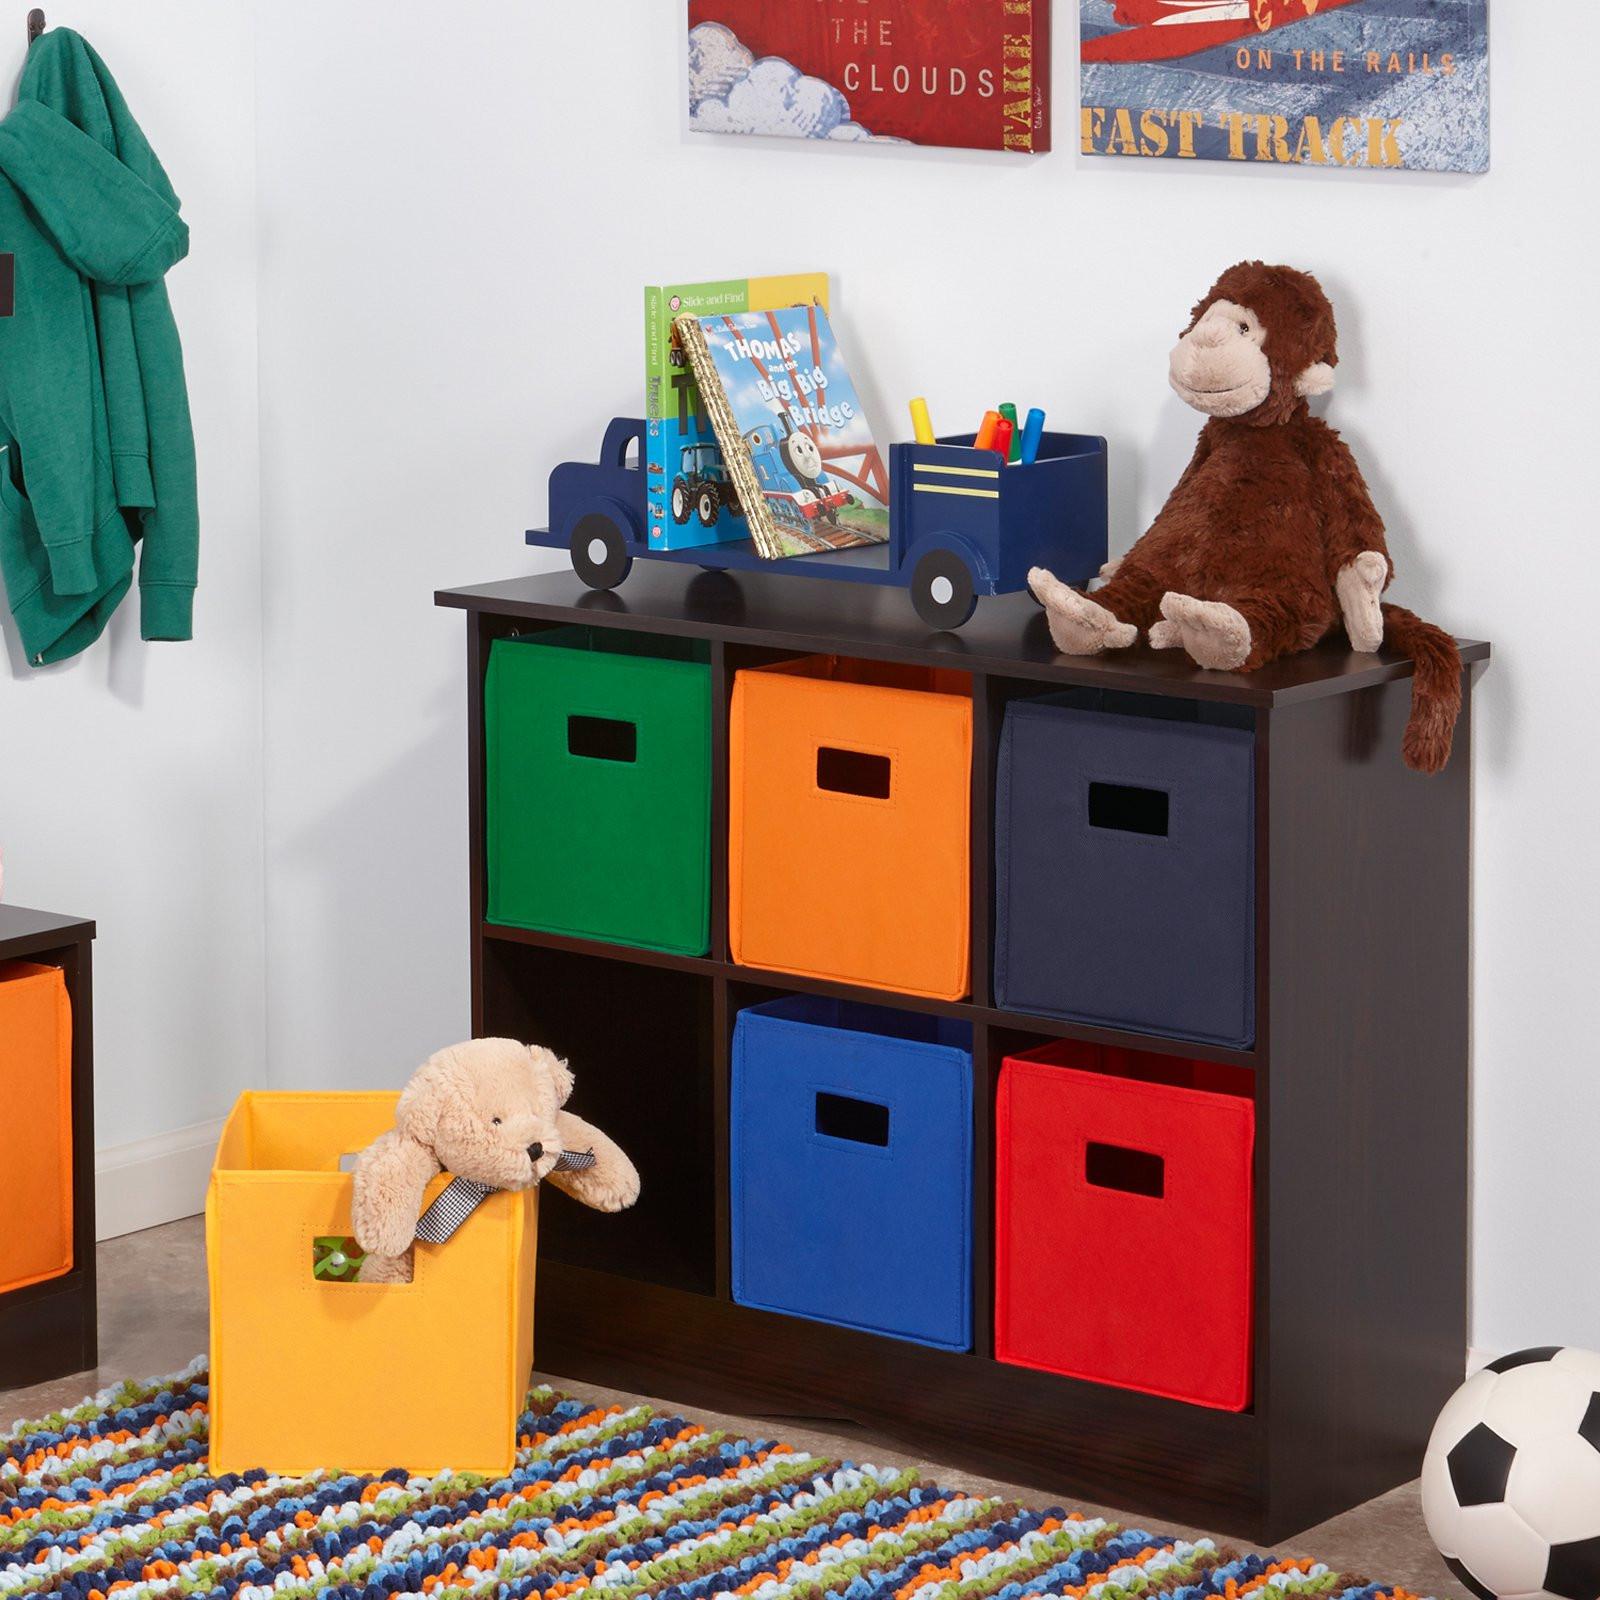 Childrens Storage Cabinet  RiverRidge Kids 6 Bin Storage Cabinet Espresso Toy